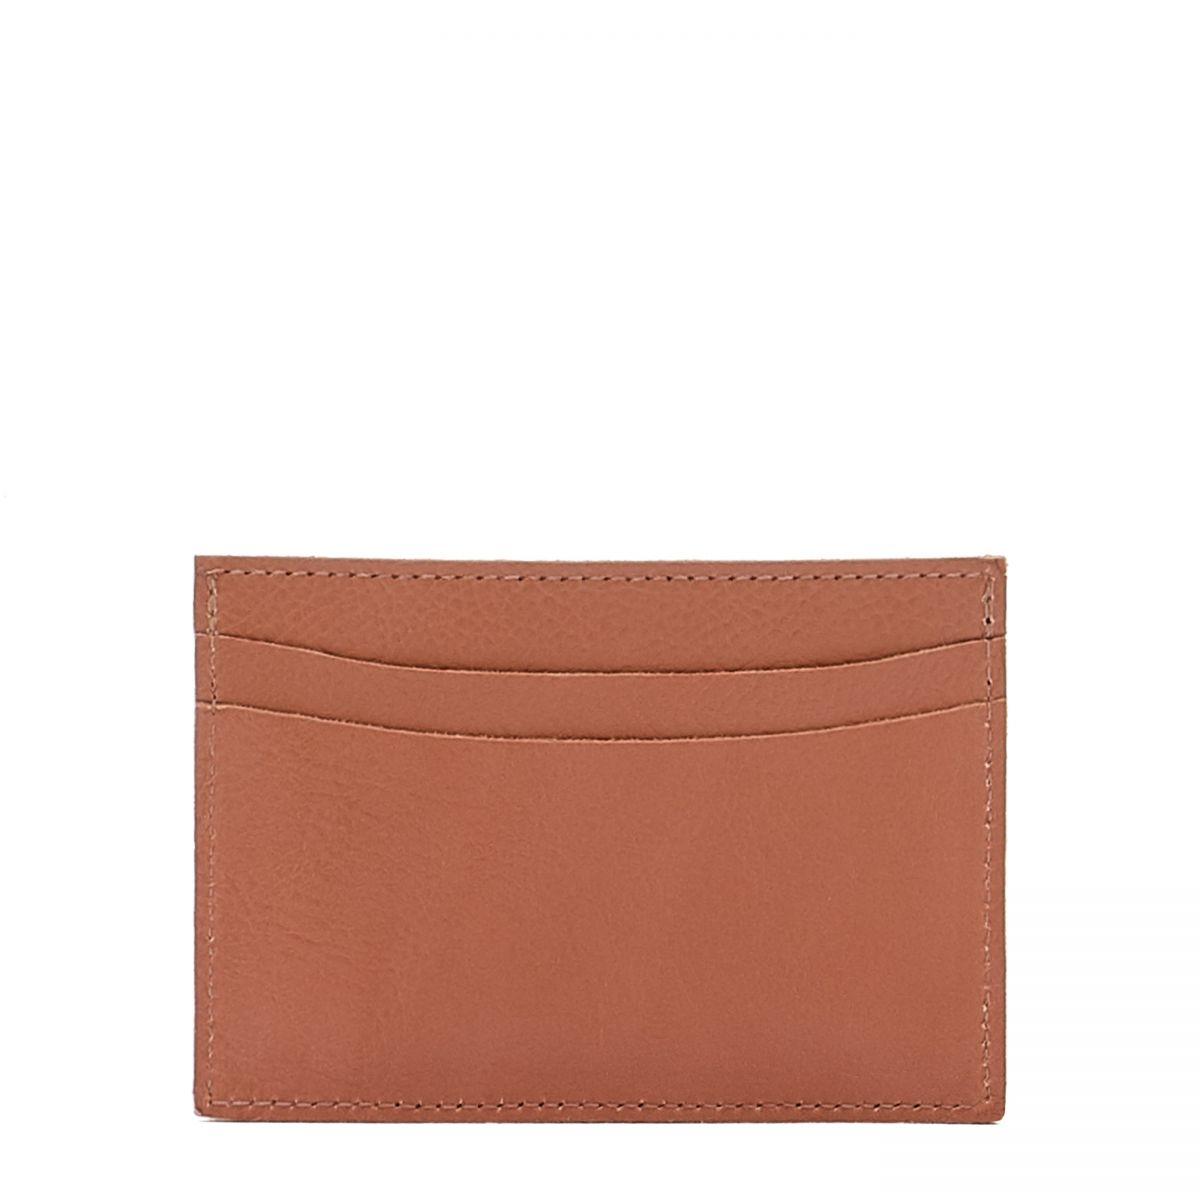 Porte-Cartes en Cuir De Vachette SCC019 couleur Poivre Rose | Details